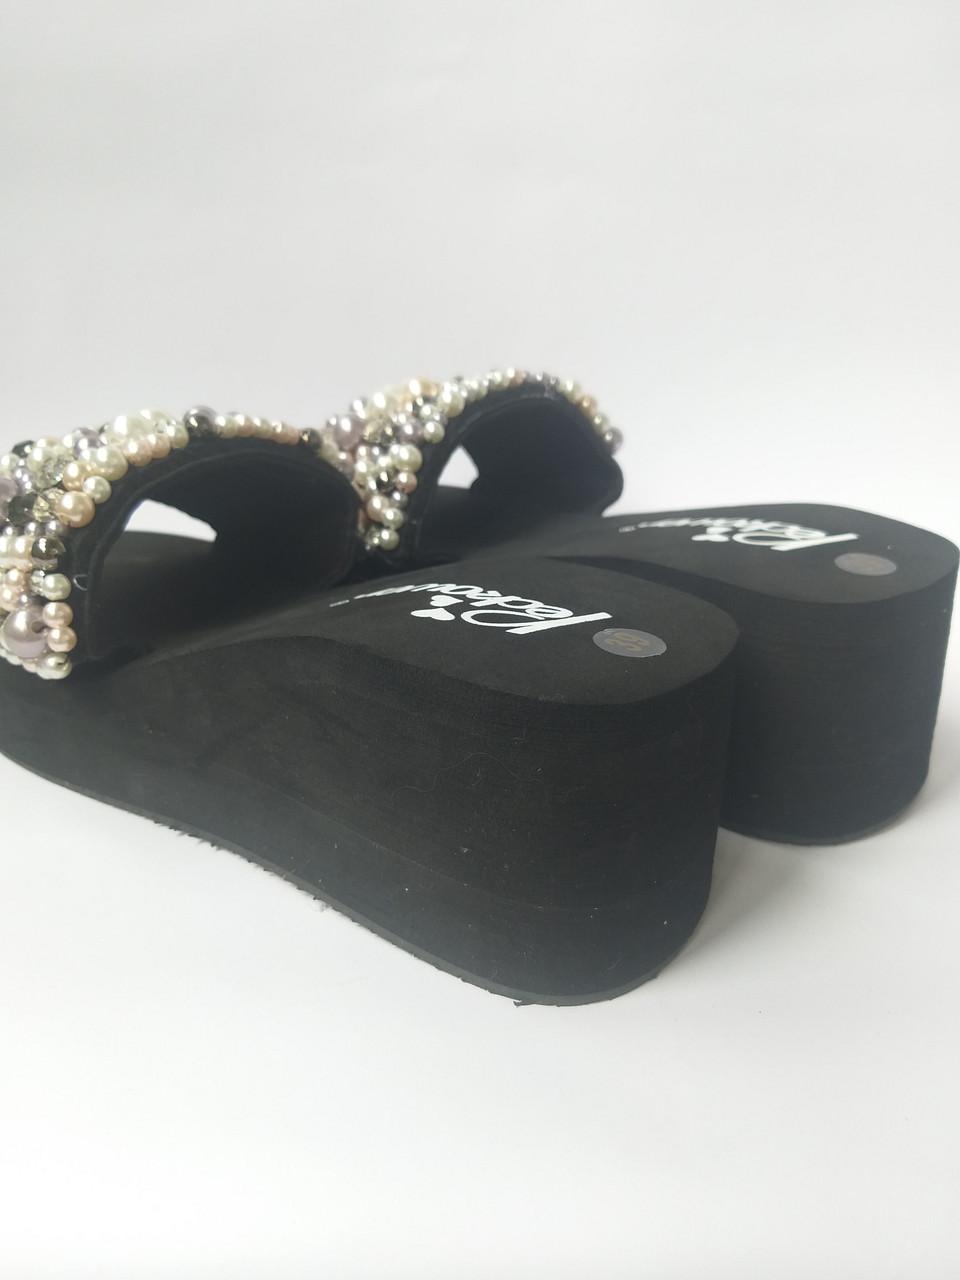 5bdb2102b Женские шлепки с жемчугом на средней удобной платформе: продажа ...